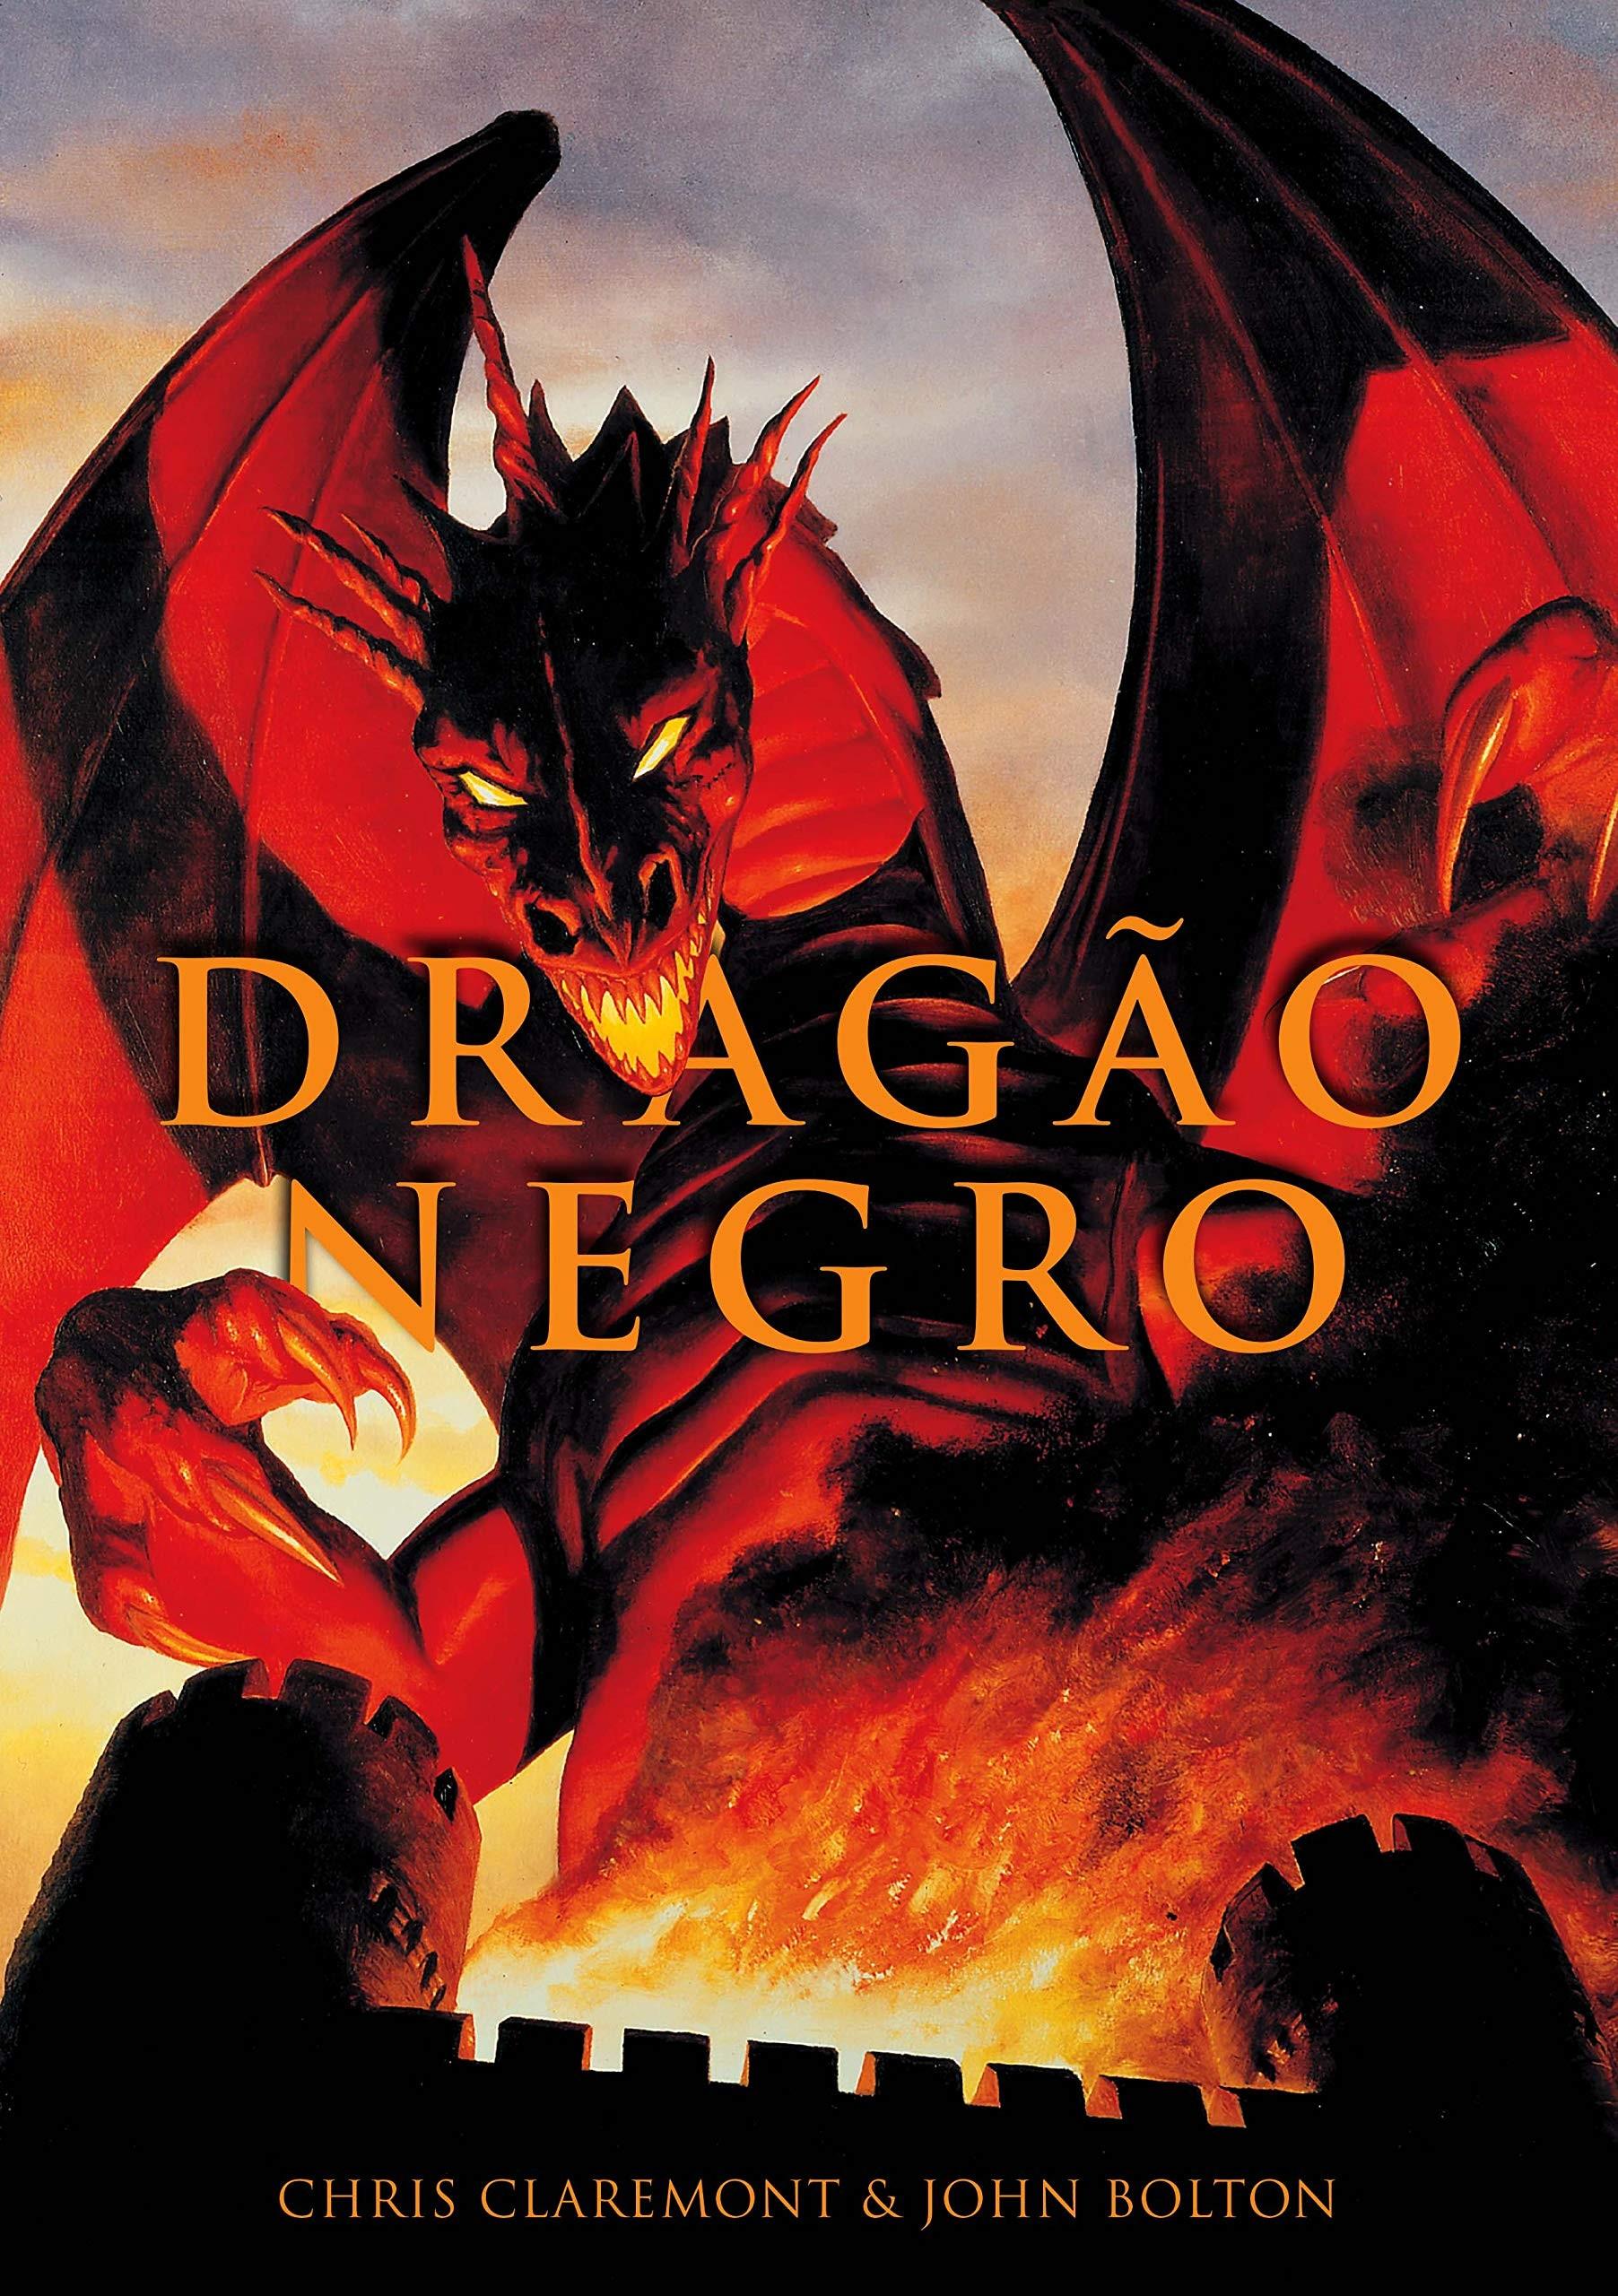 Dragão Negro - Volume Único, por Chris Claremont e John Bolton (Foto: Divulgação/Amazon)